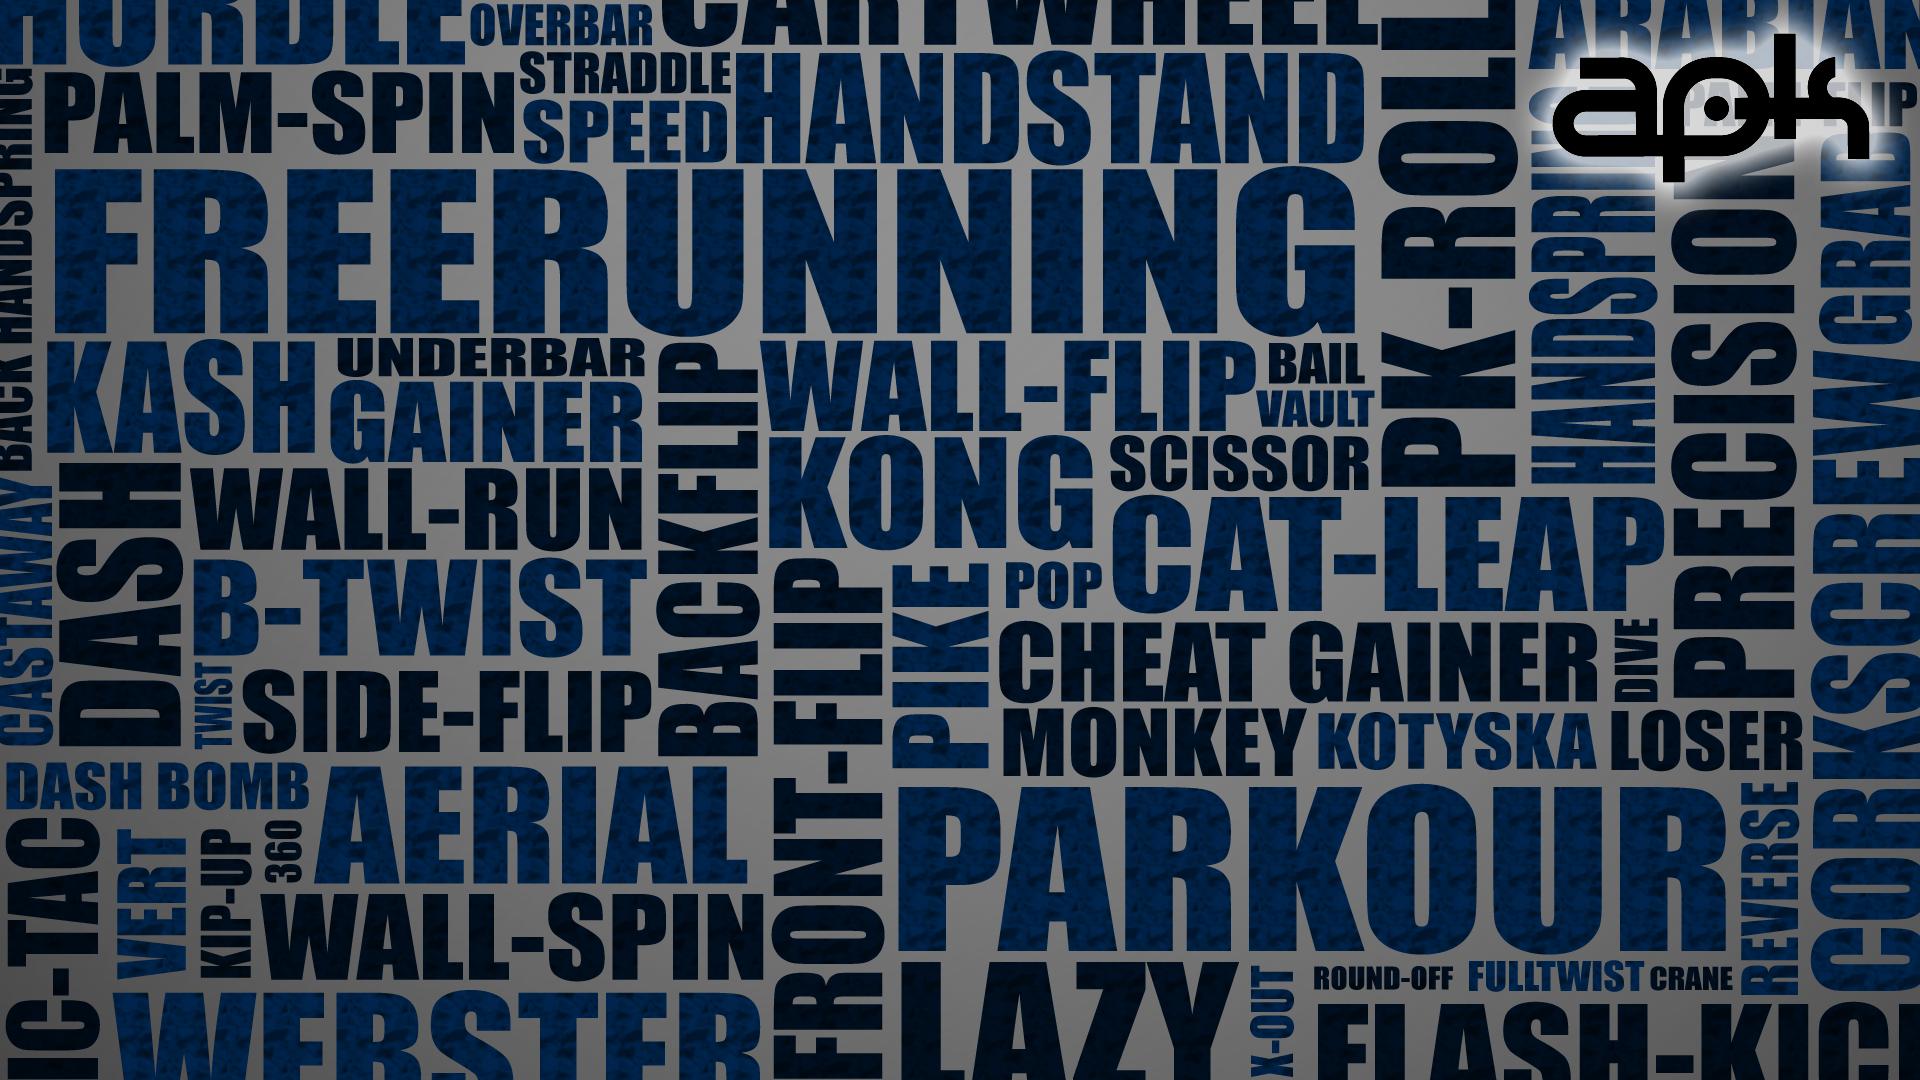 Parkour Wallpaper Desktop K HQ Definition Images GLaureL Pack IV